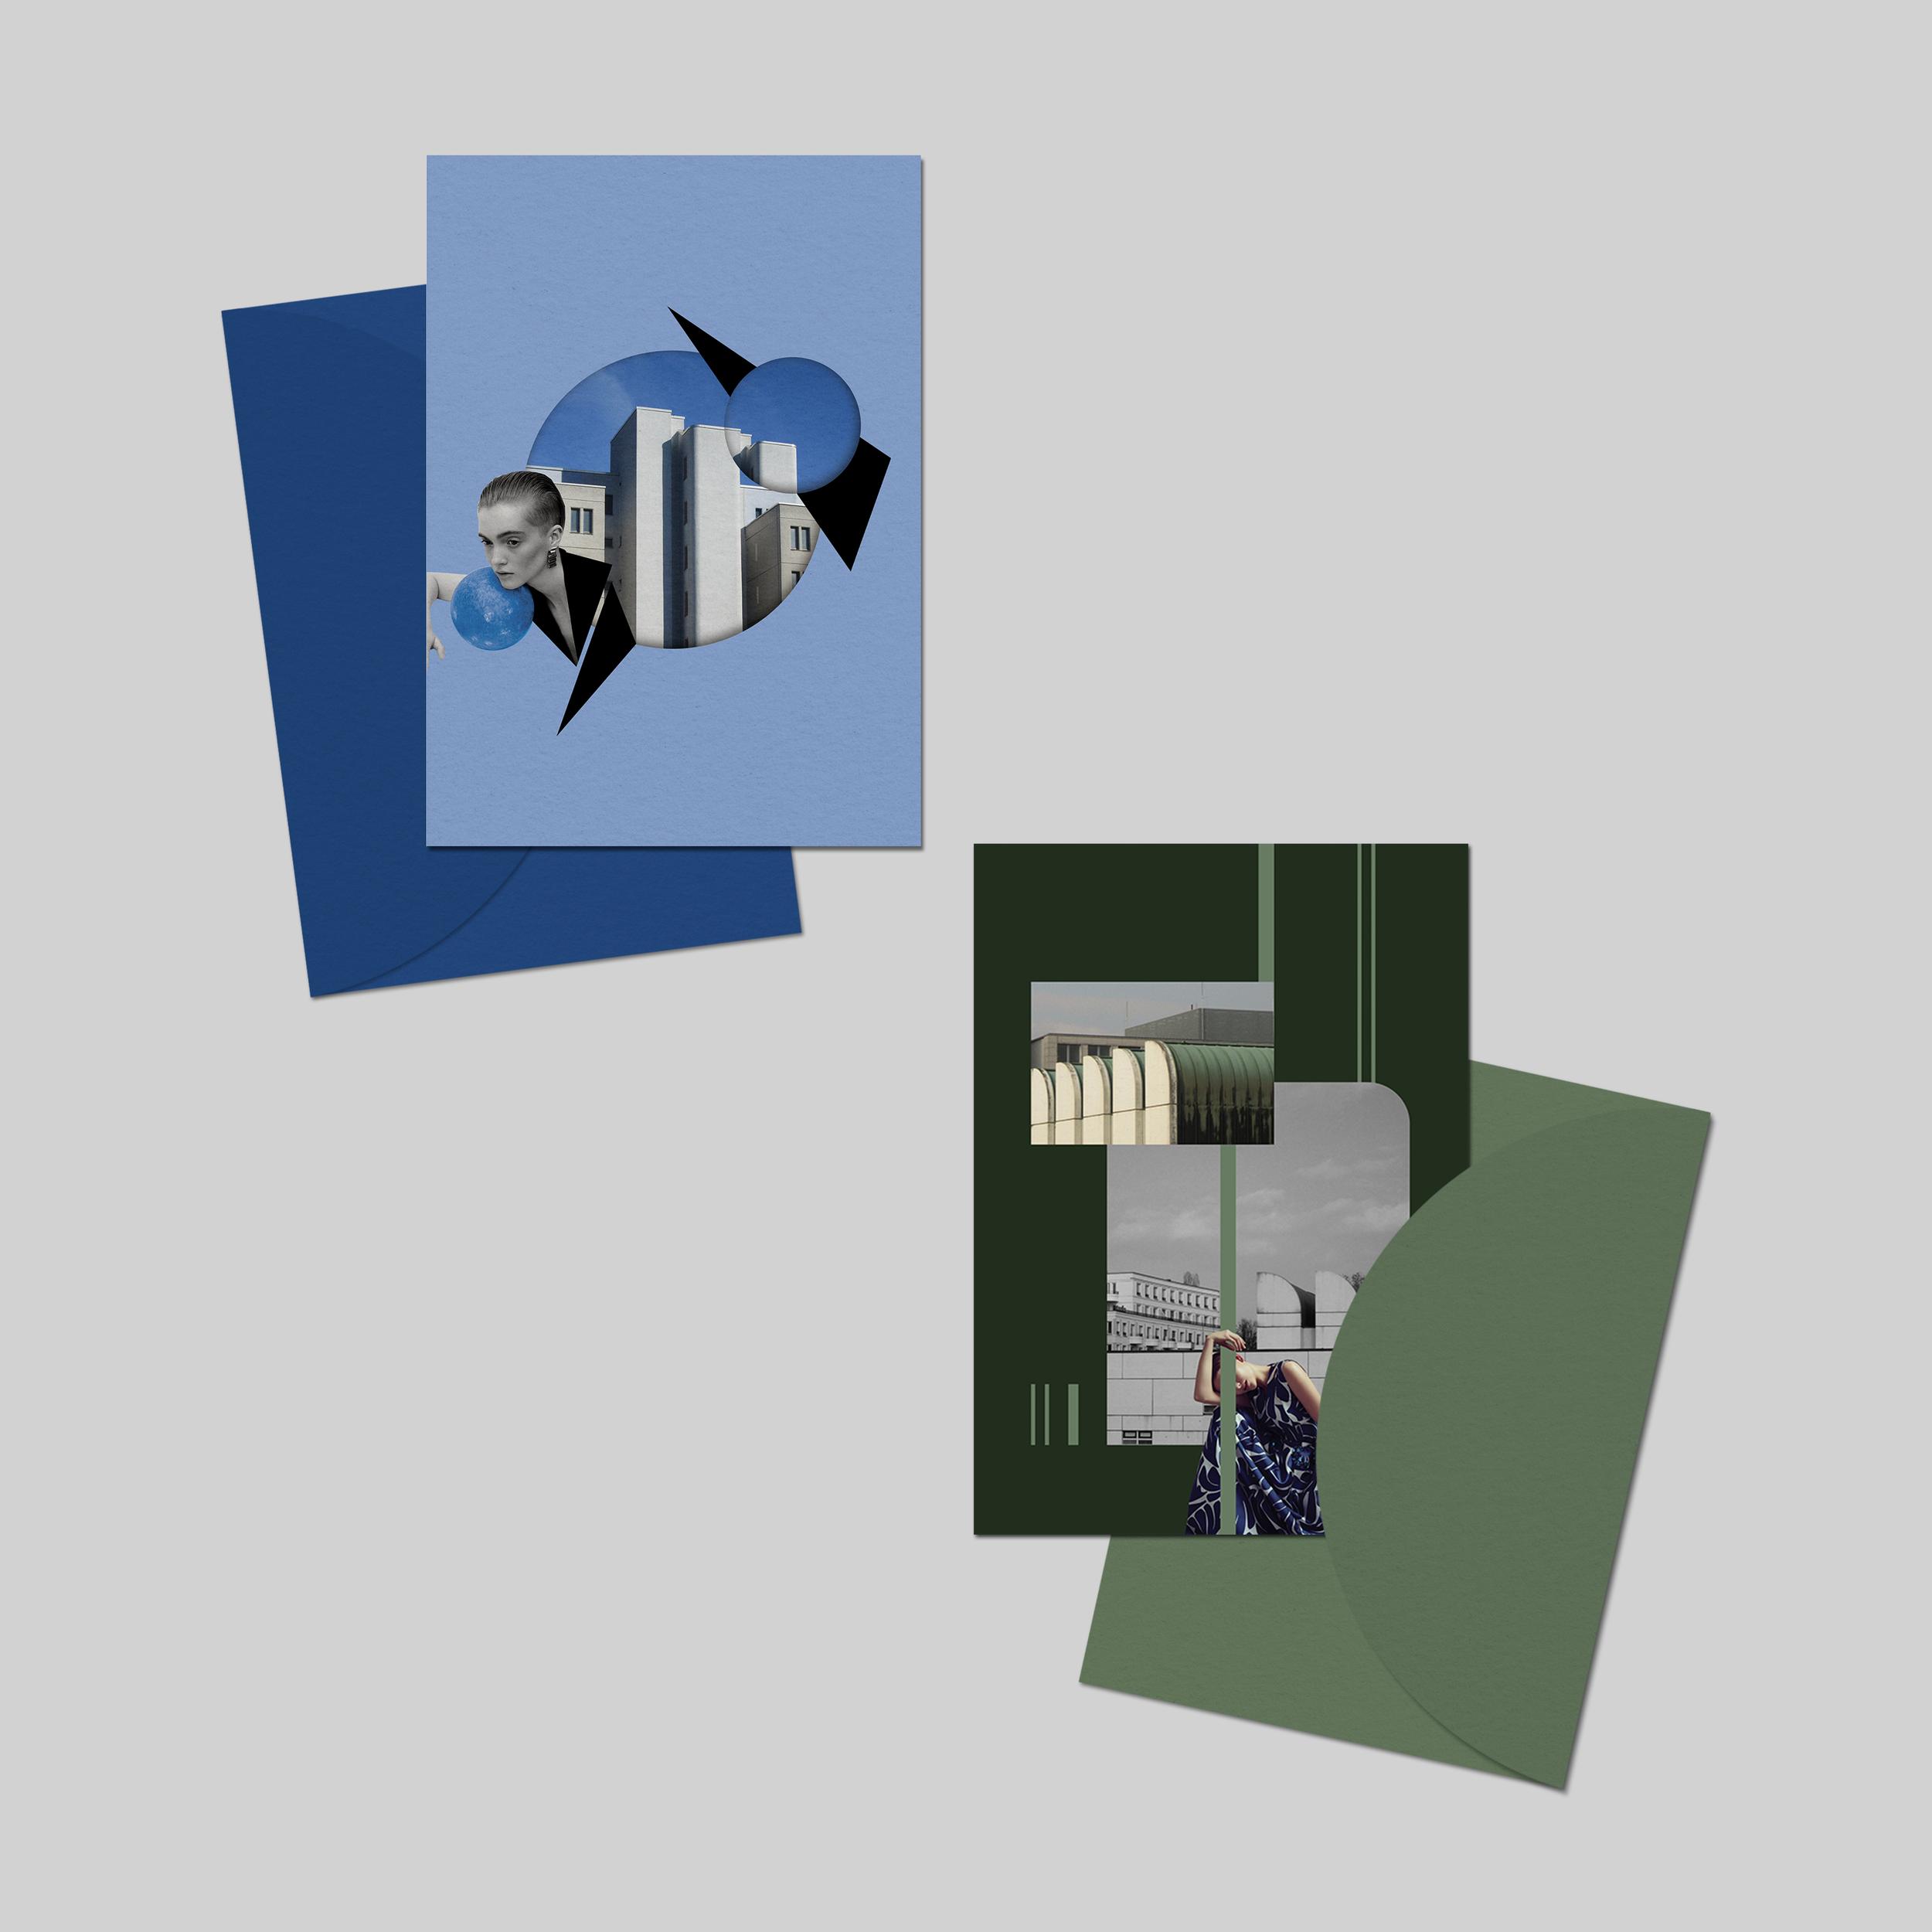 Shop - Postcards - Mockup.png